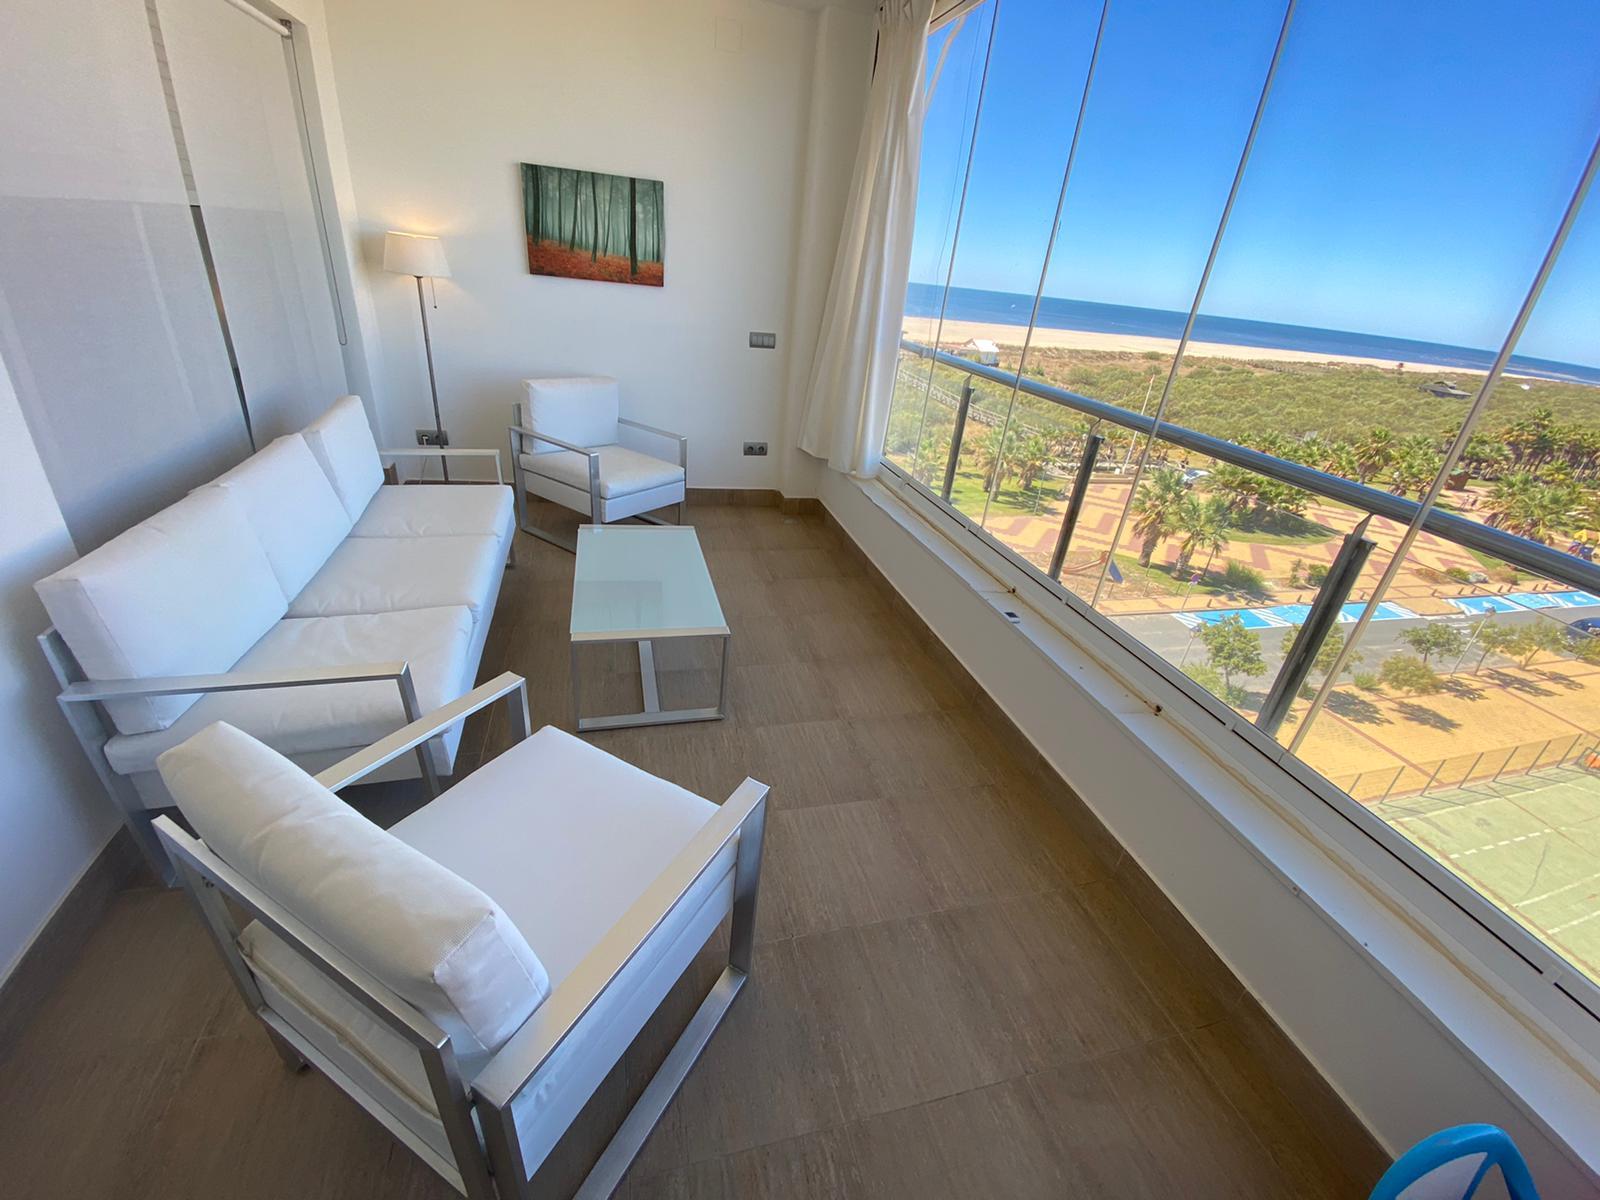 Imagen 14 del Apartamento Turístico, Ático 1 Poniente (3d+2b), Punta del Moral (HUELVA), Paseo de la Cruz nº22